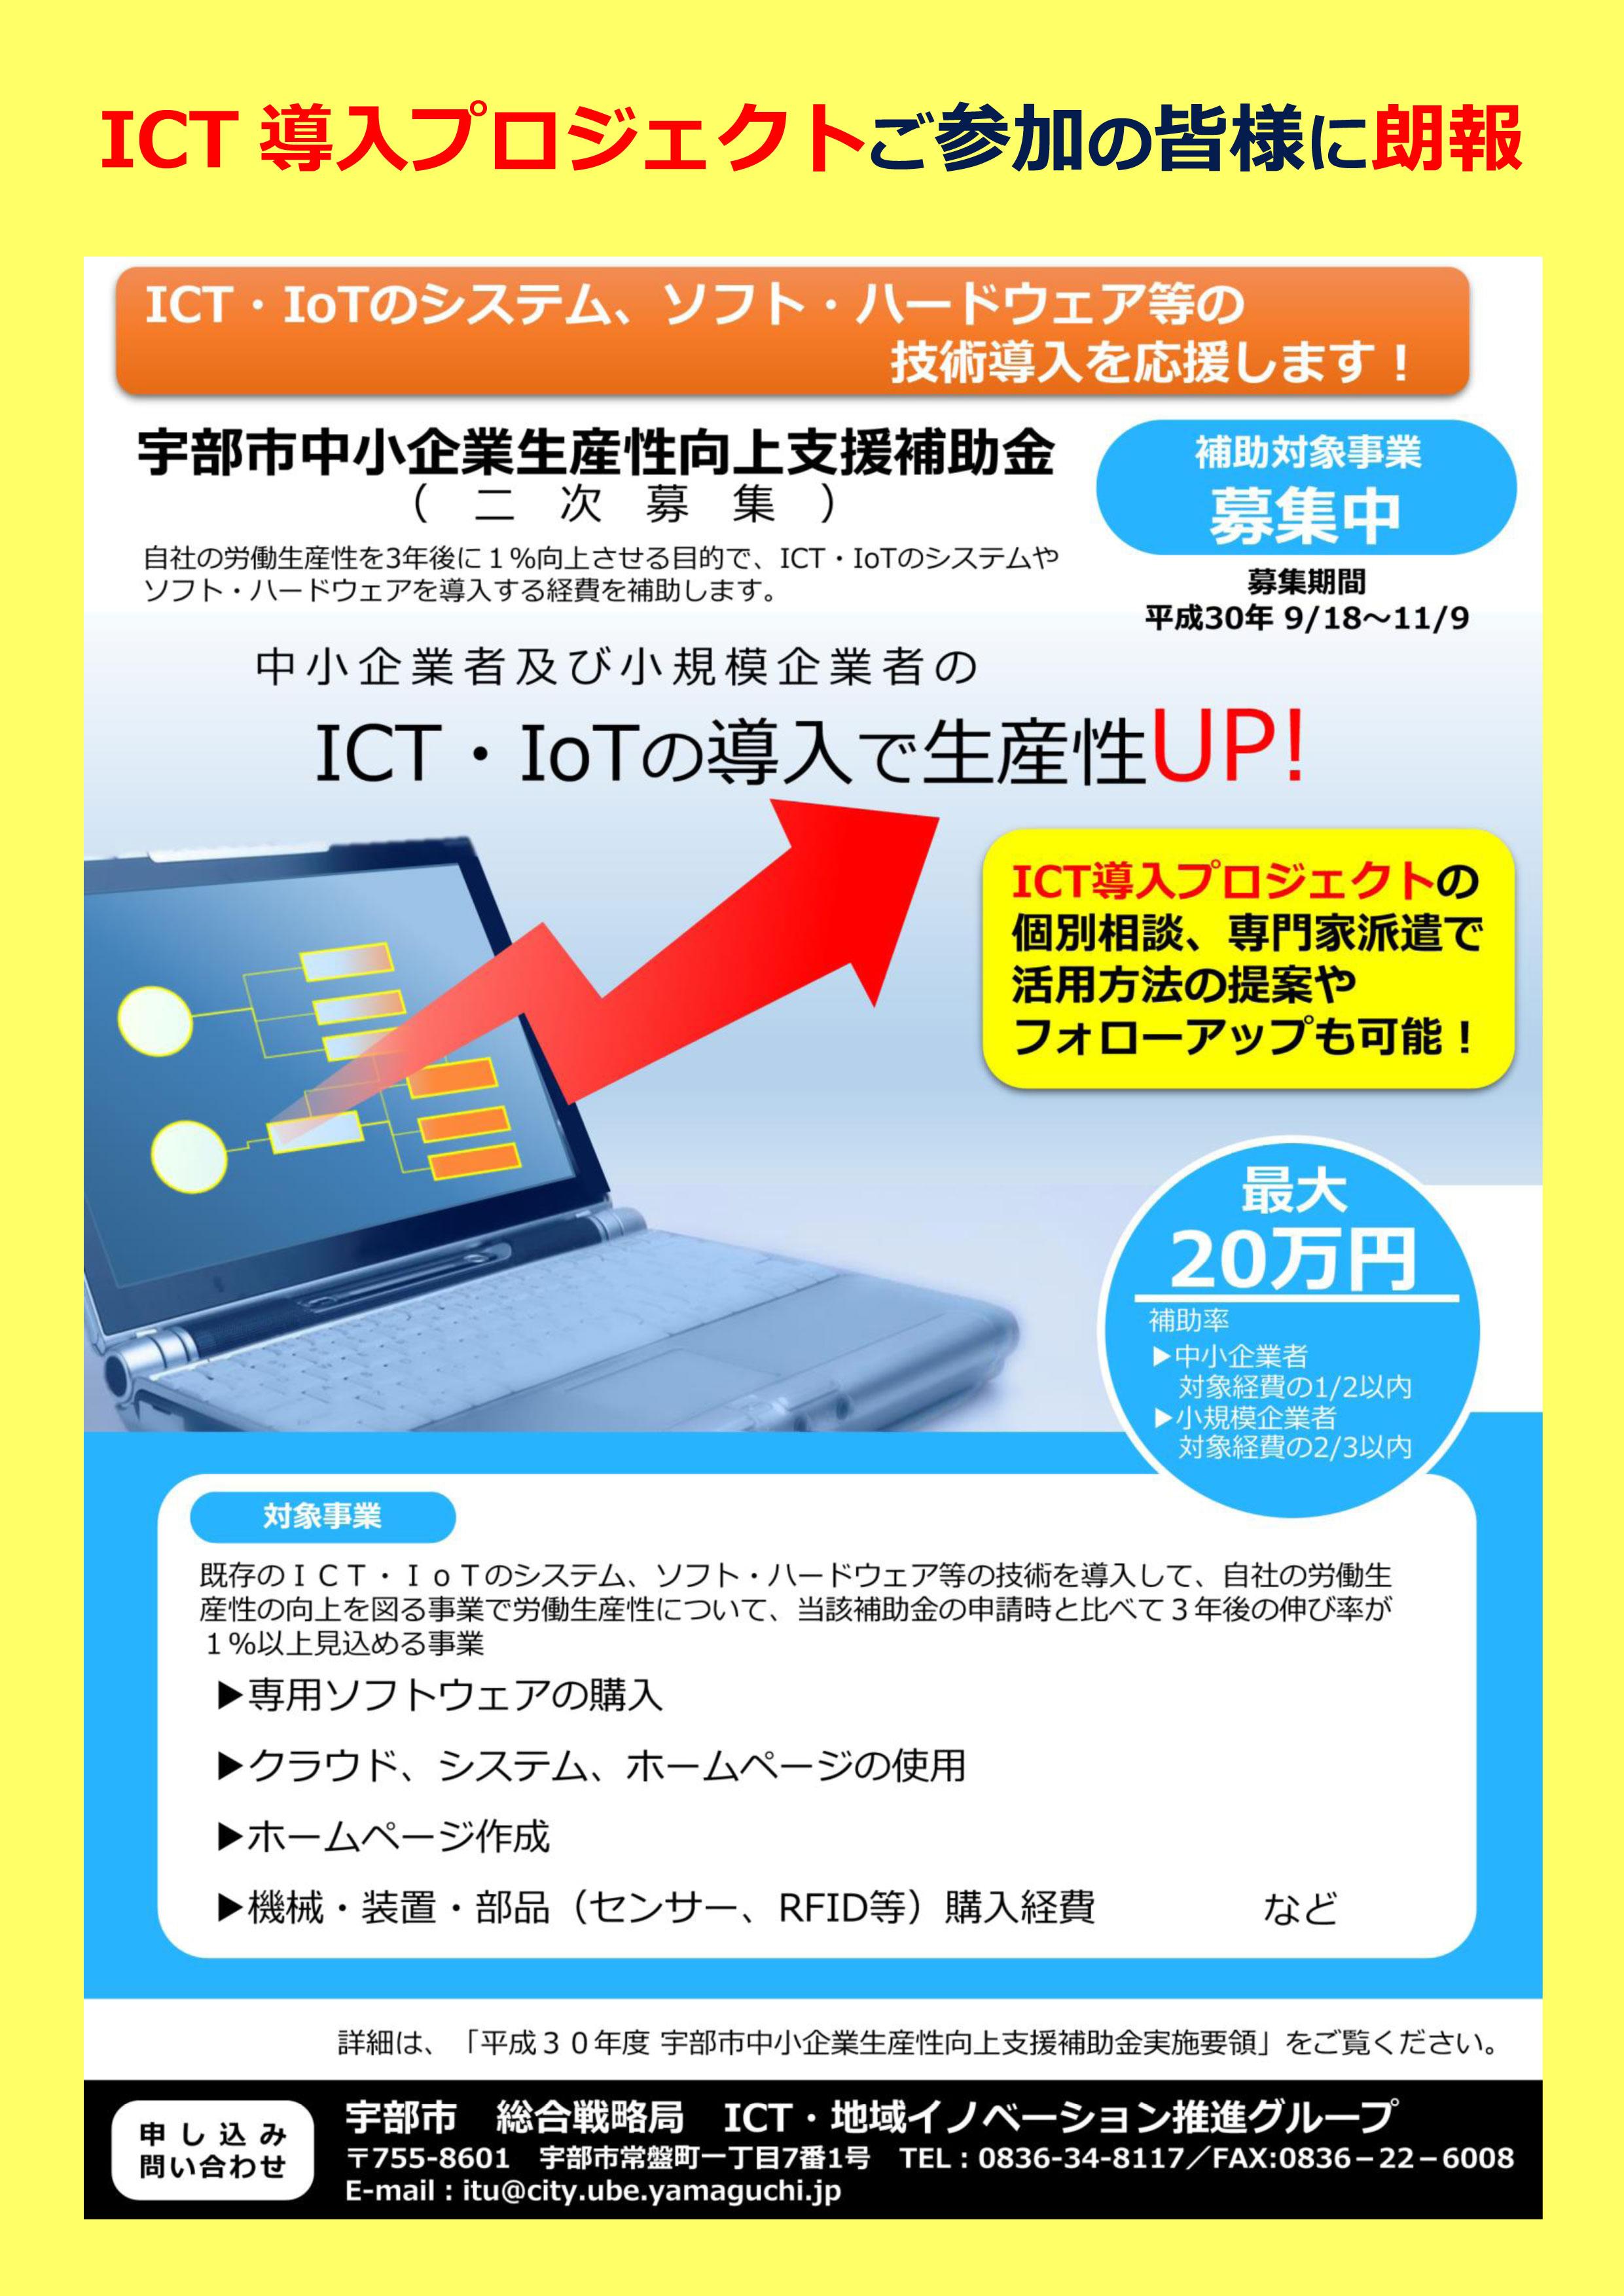 【宇部市】ICT導入プロジェクト【無料支援】